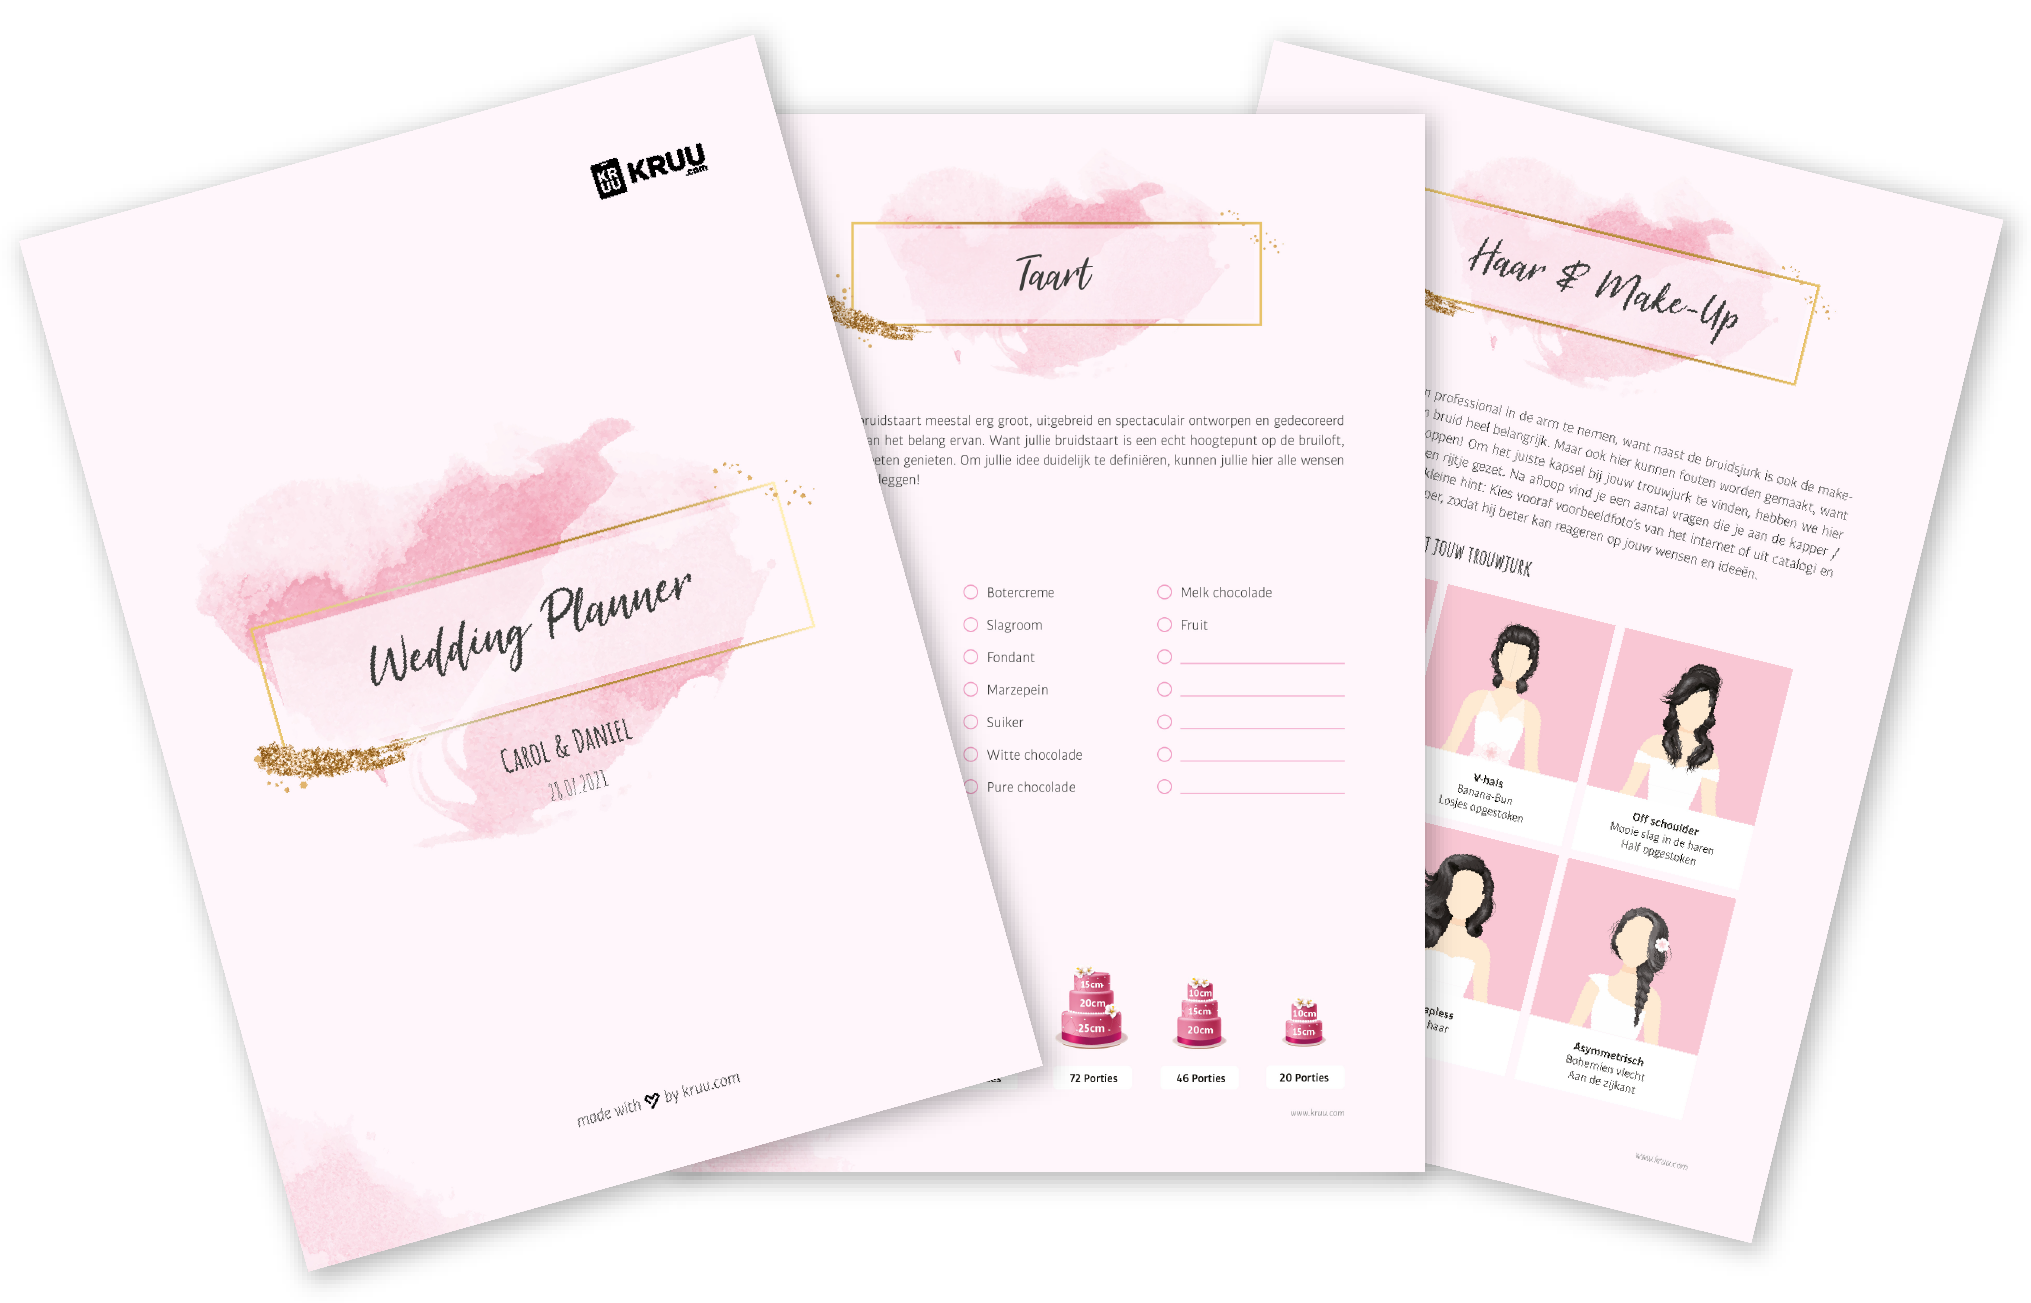 kruu-wedding-planner-header-group